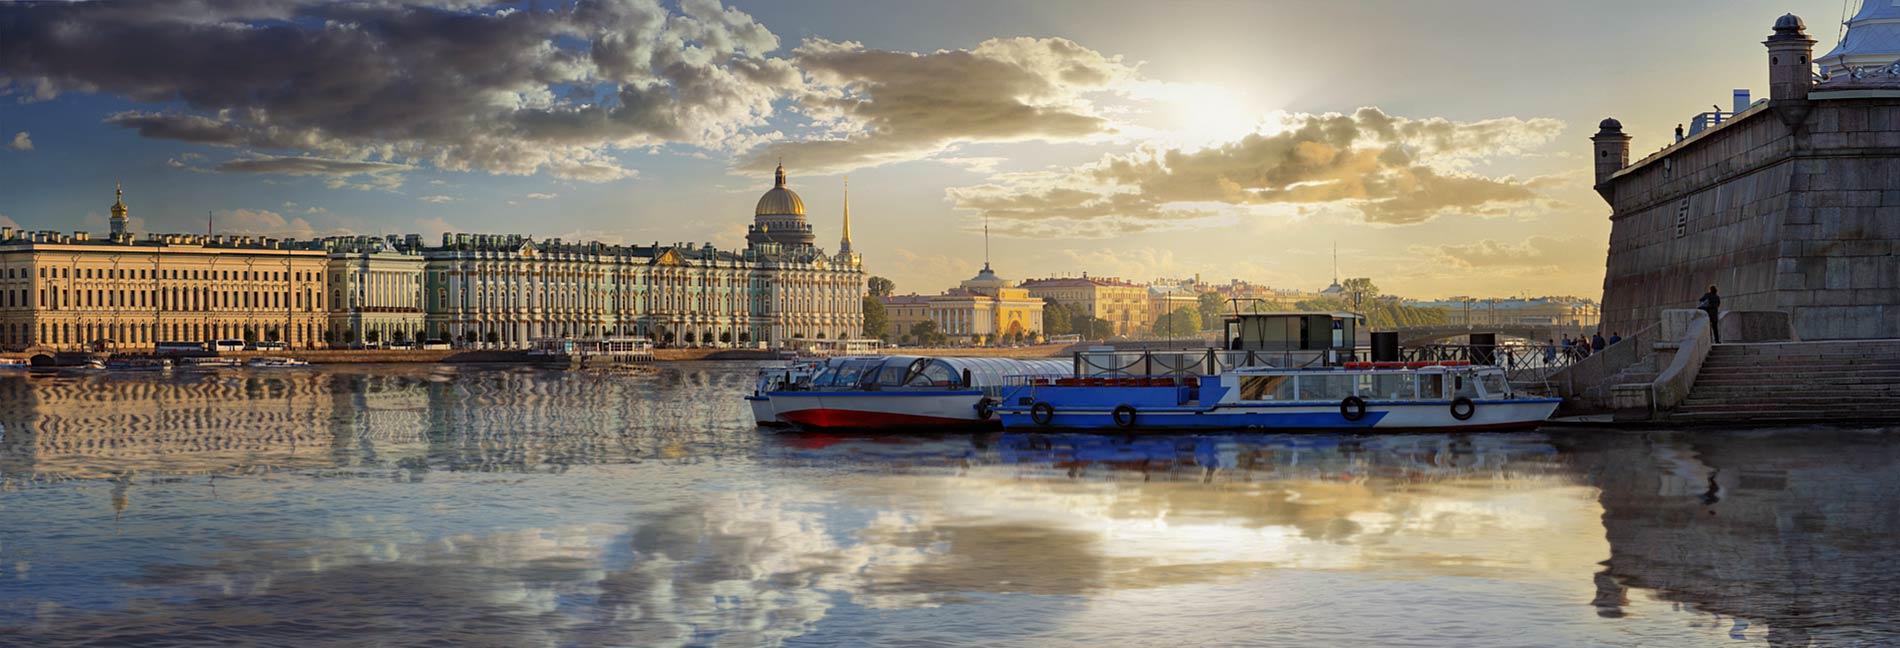 Bijzondere bestemming deze zomer? Maak een stedentrip naar Sint-Petersburg!